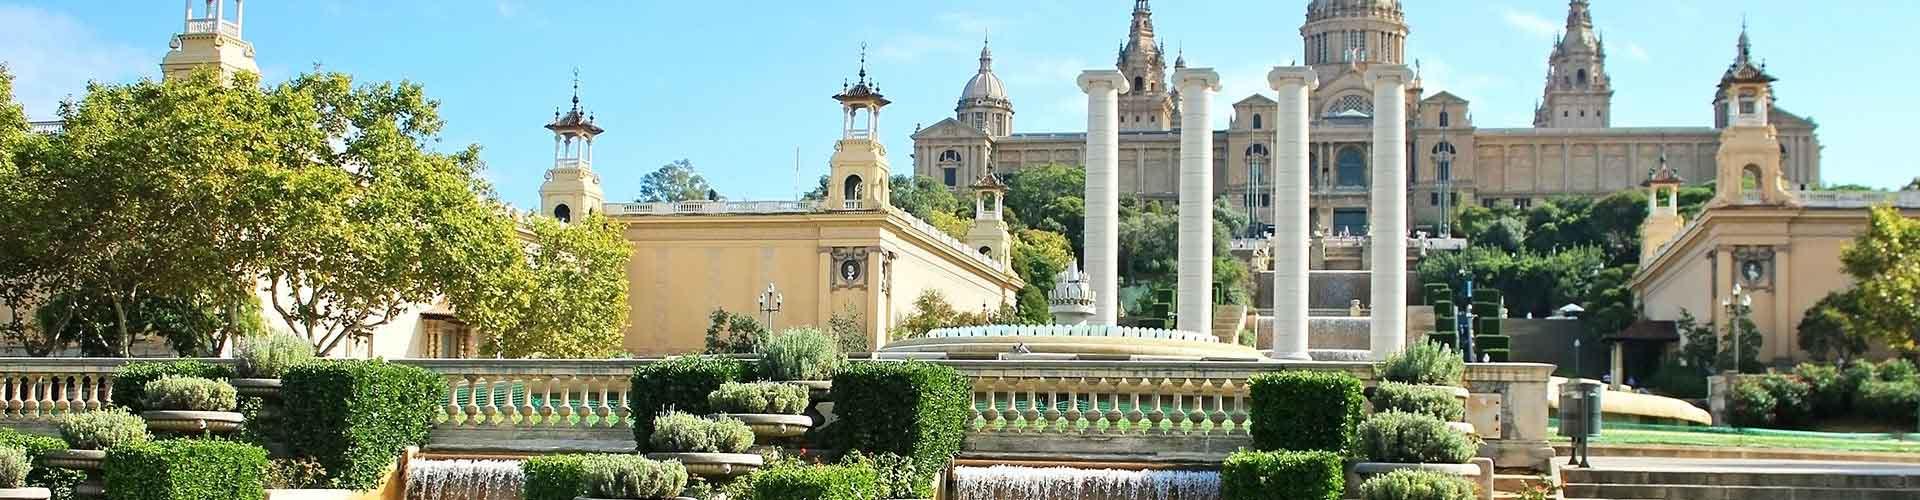 バルセロナ – サンツ駅の近くにあるホテル. 地図 バルセロナ, すべてのホテルの写真とレビュー バルセロナ.